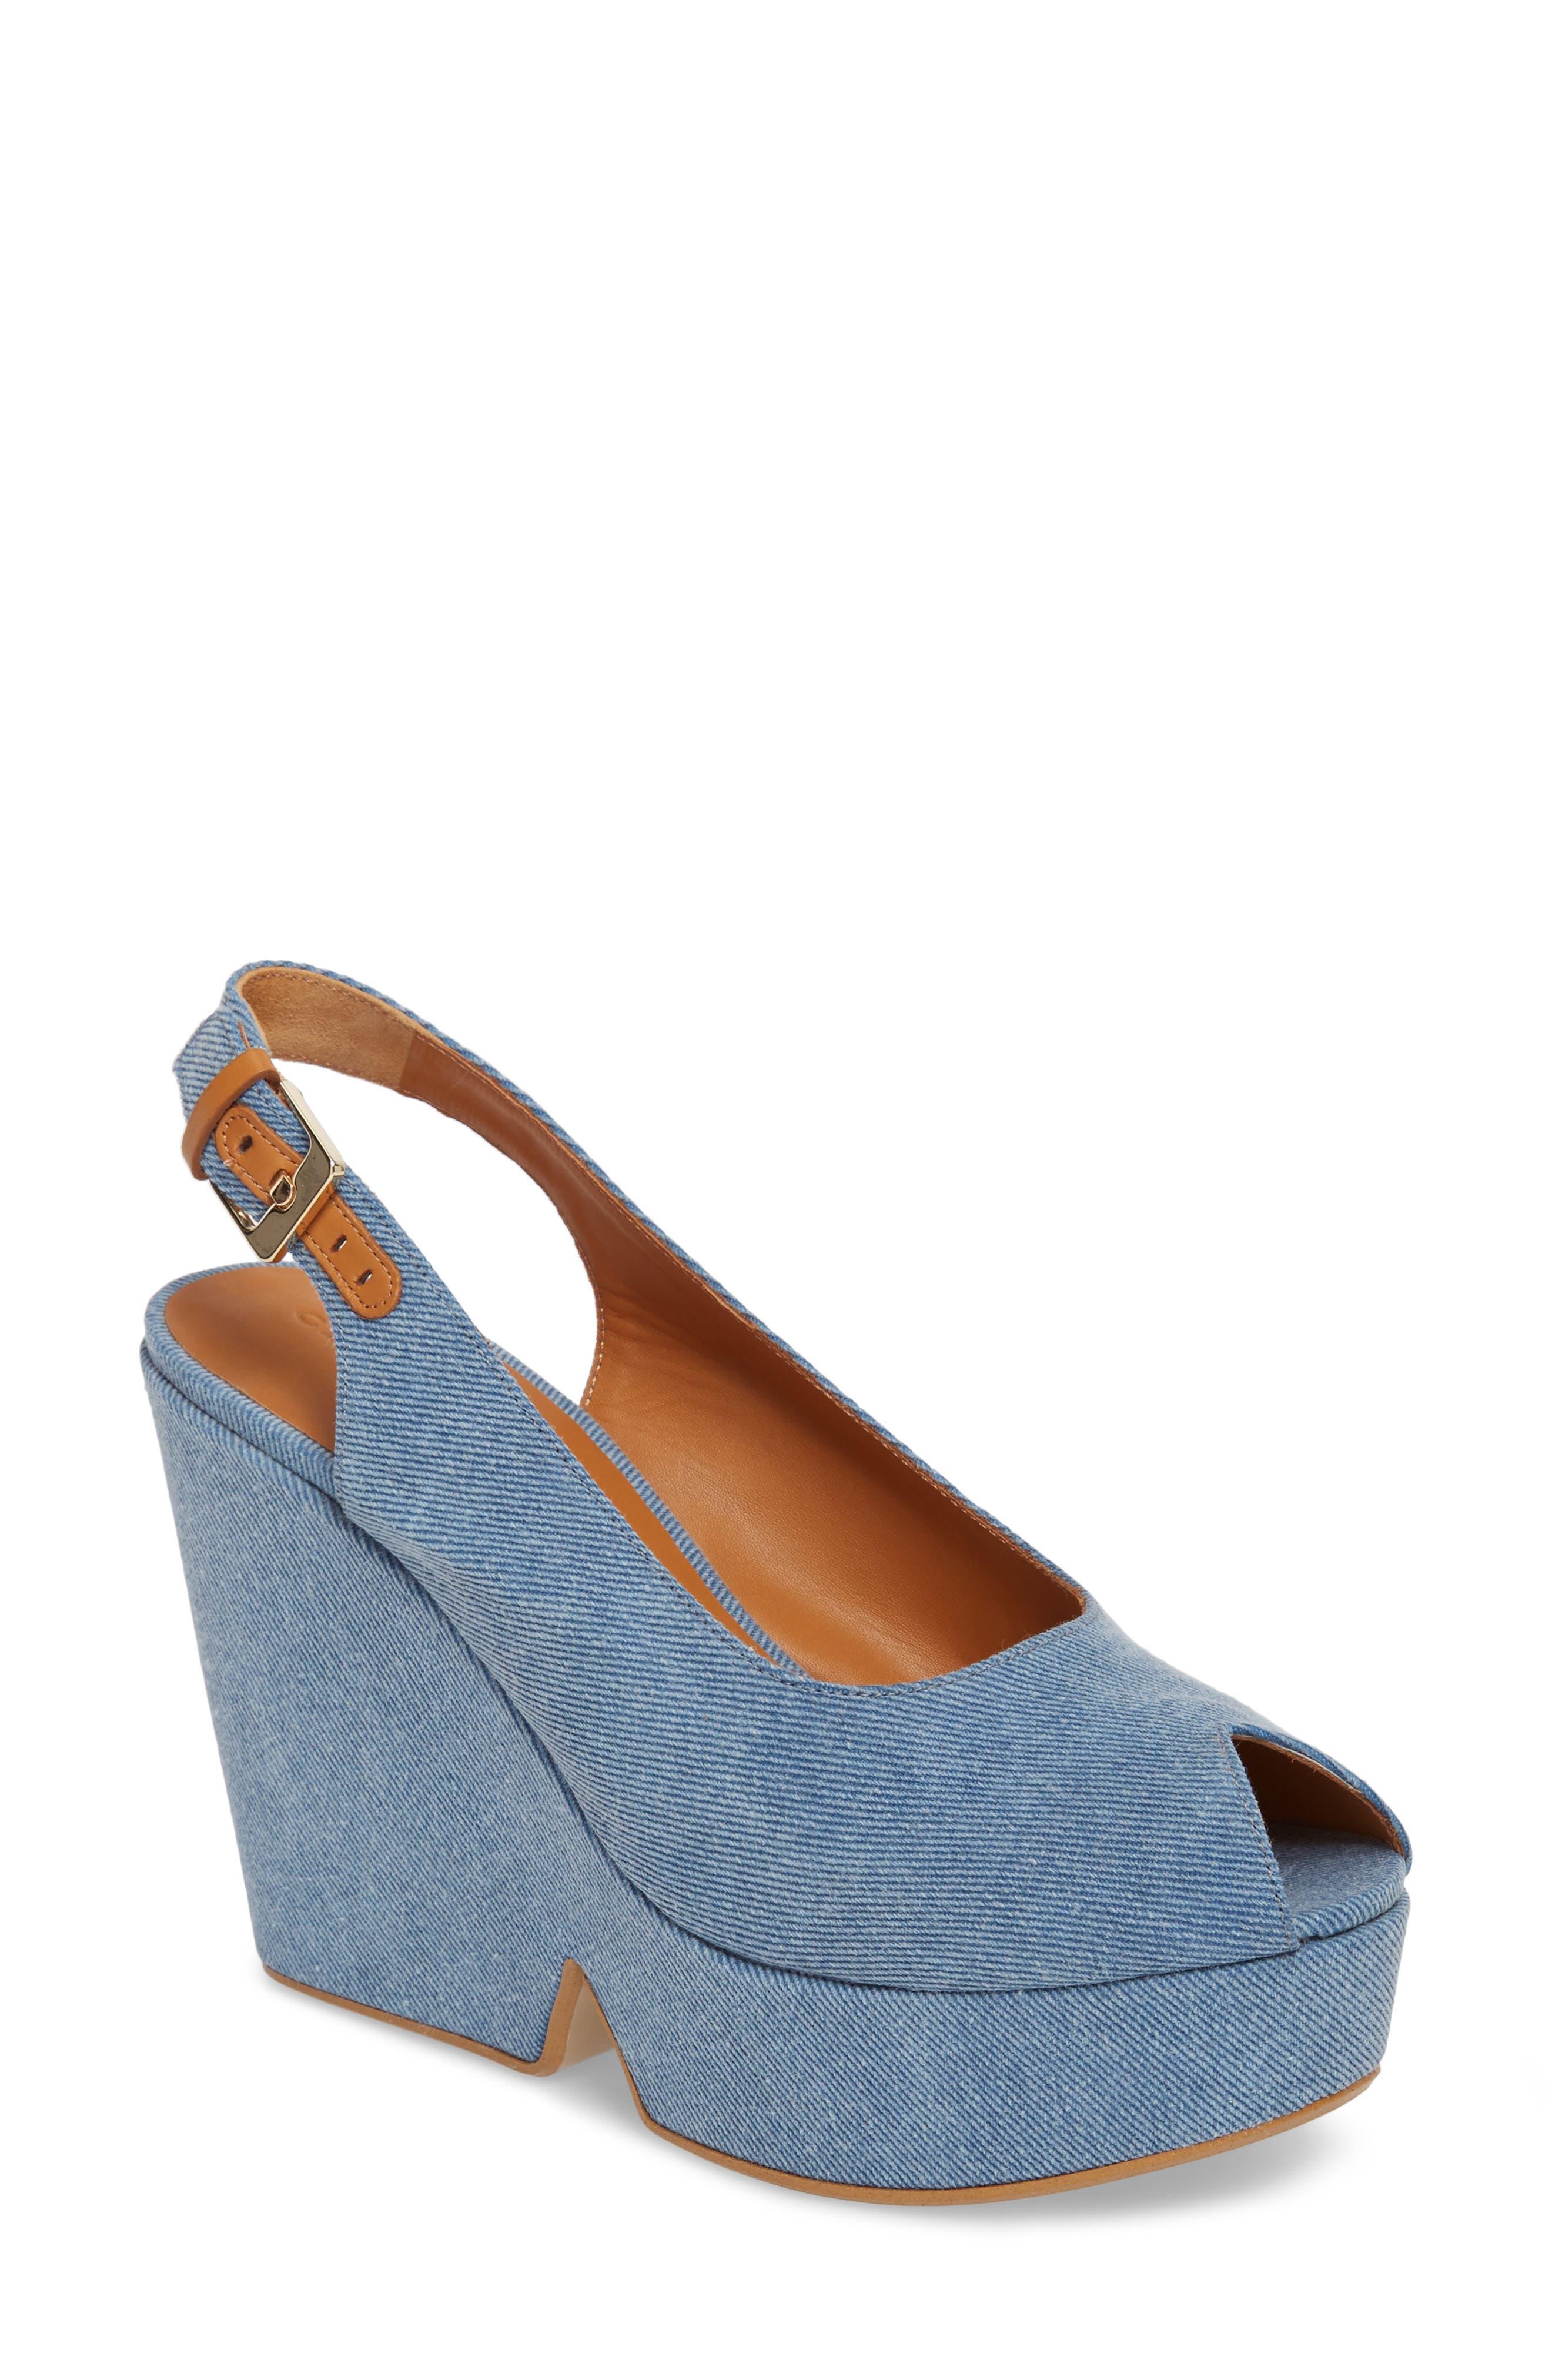 Dylanto Platform Wedge Sandal,                         Main,                         color,